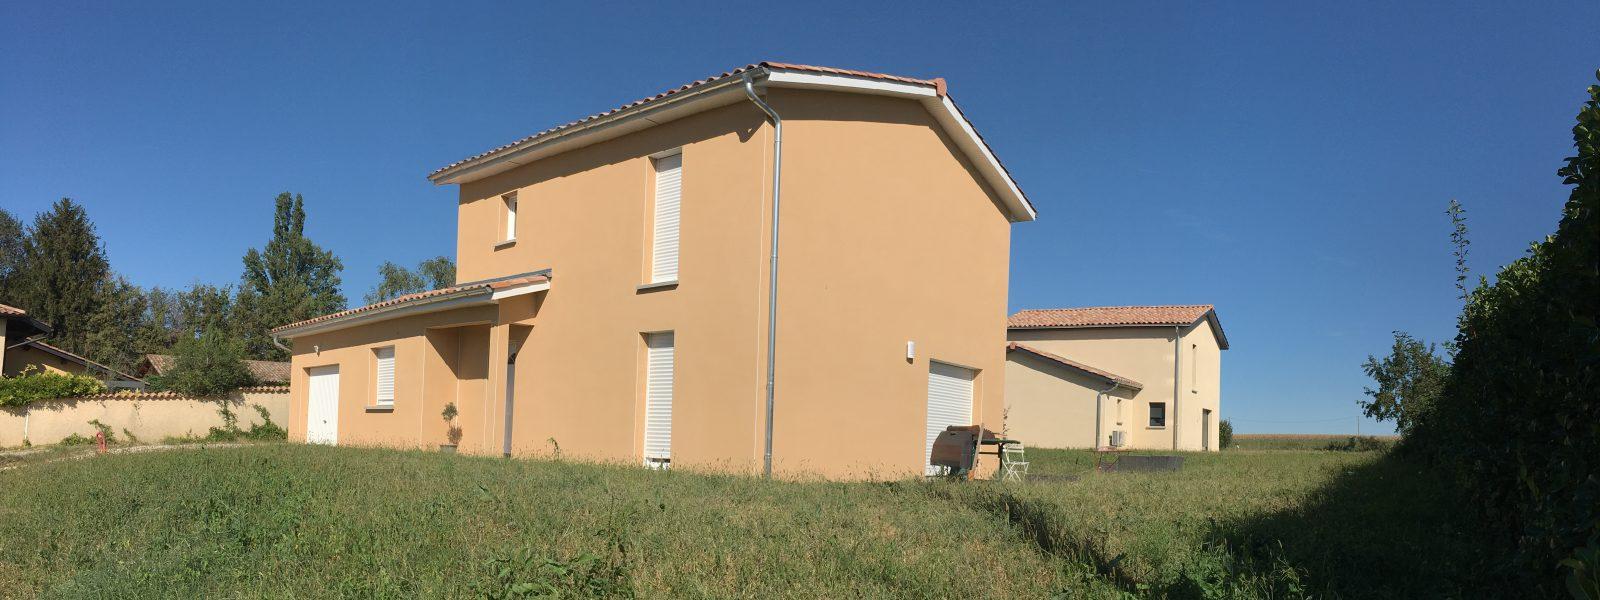 LES TERRES DE SAPEYSE - Visuel 2 - Impact immobilier 01